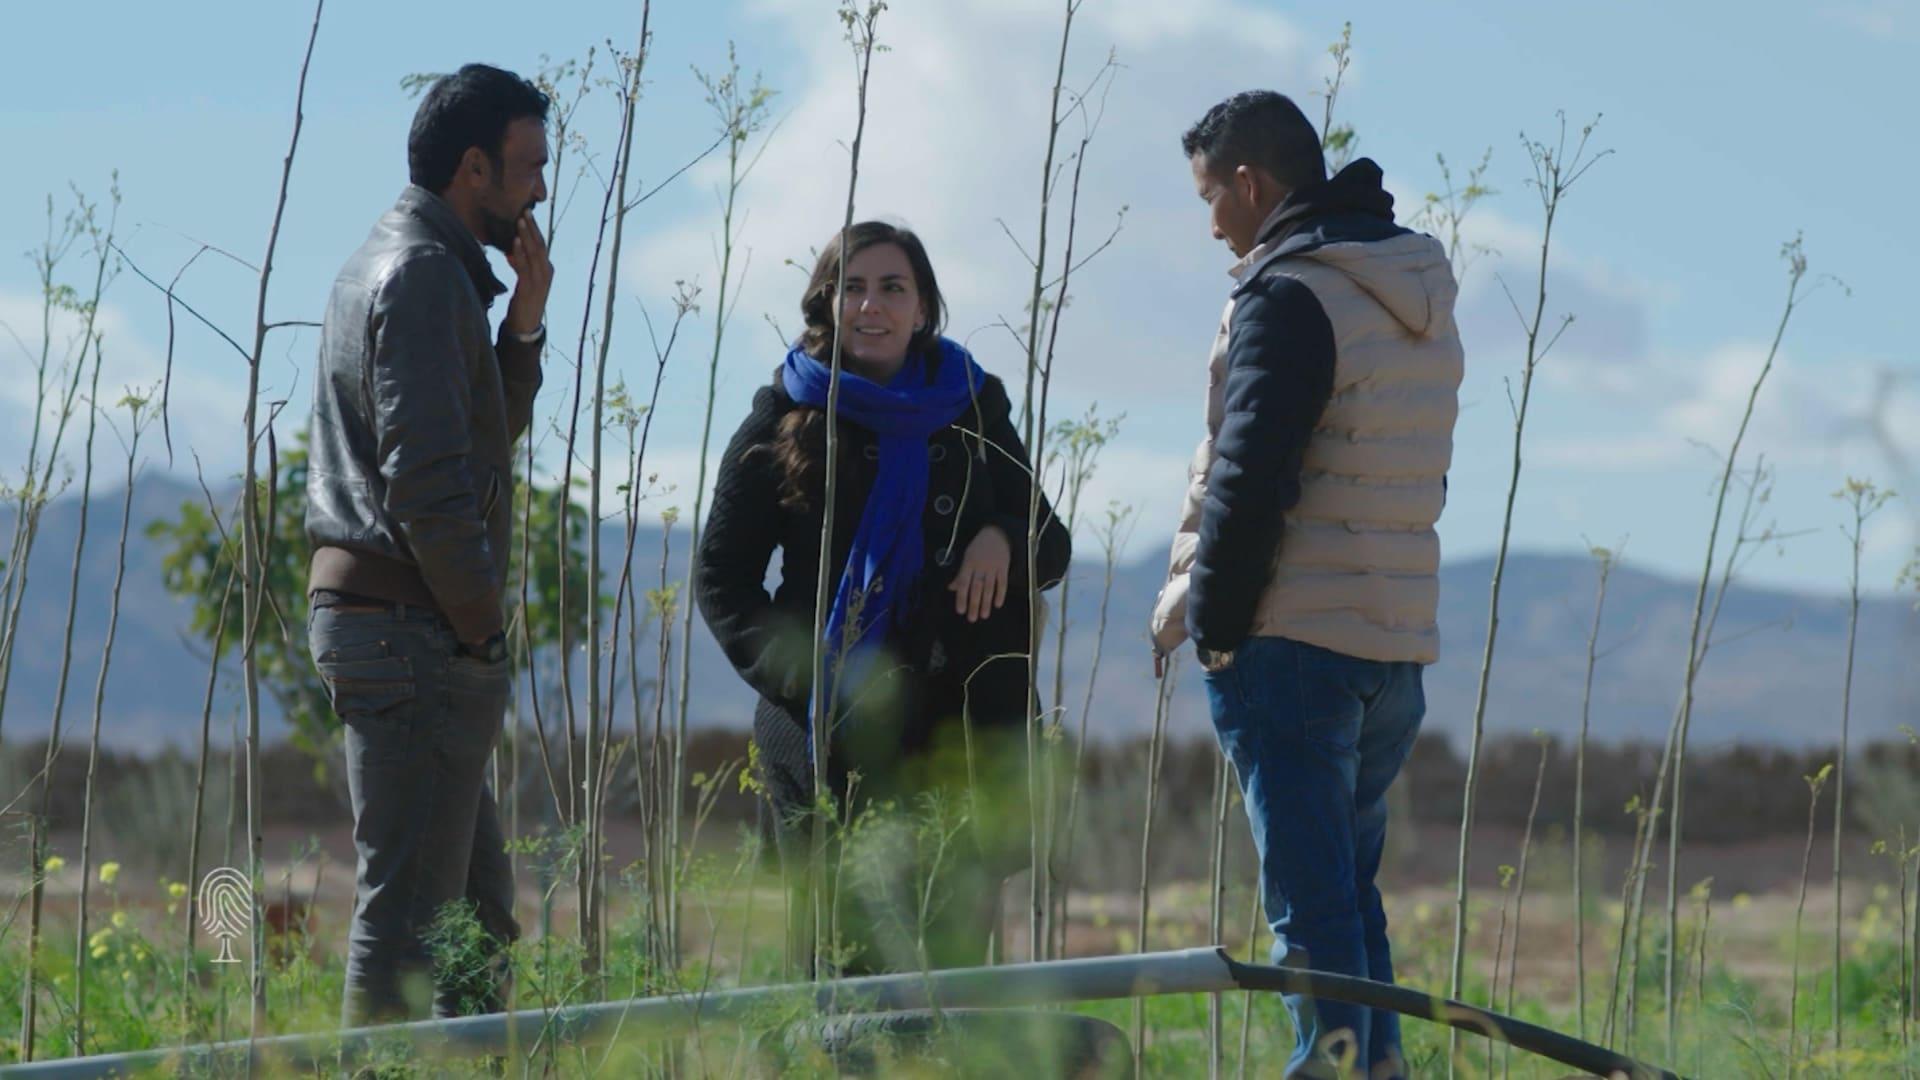 """تونسية تحارب التصحر ببناء """"سور أخضر عظيم"""" في الصحراء الكبرى"""